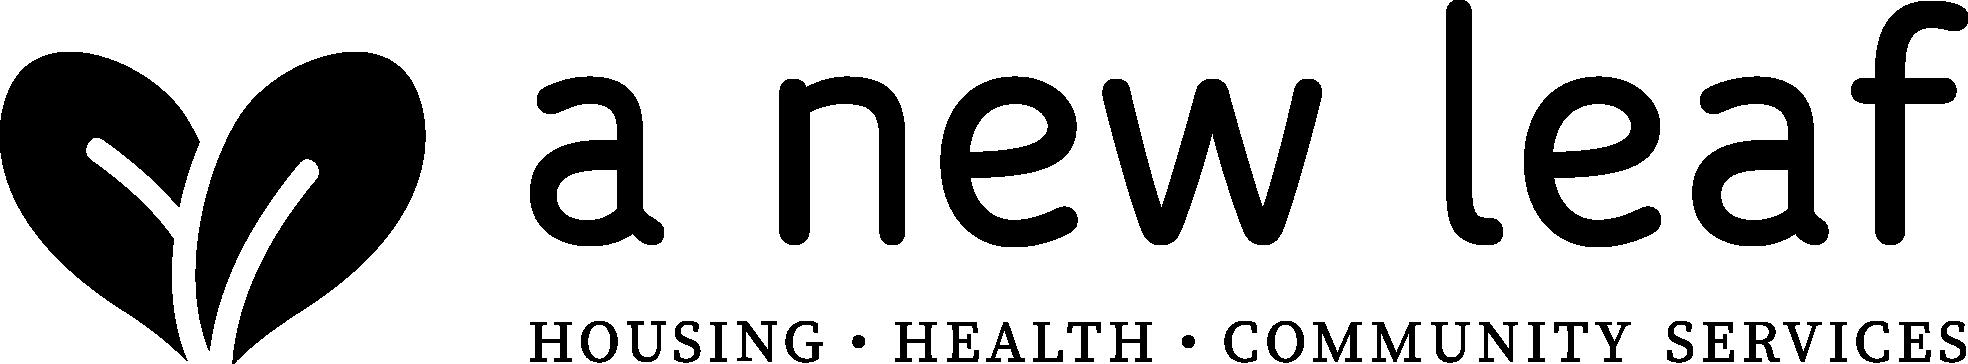 Logo Descripter Black